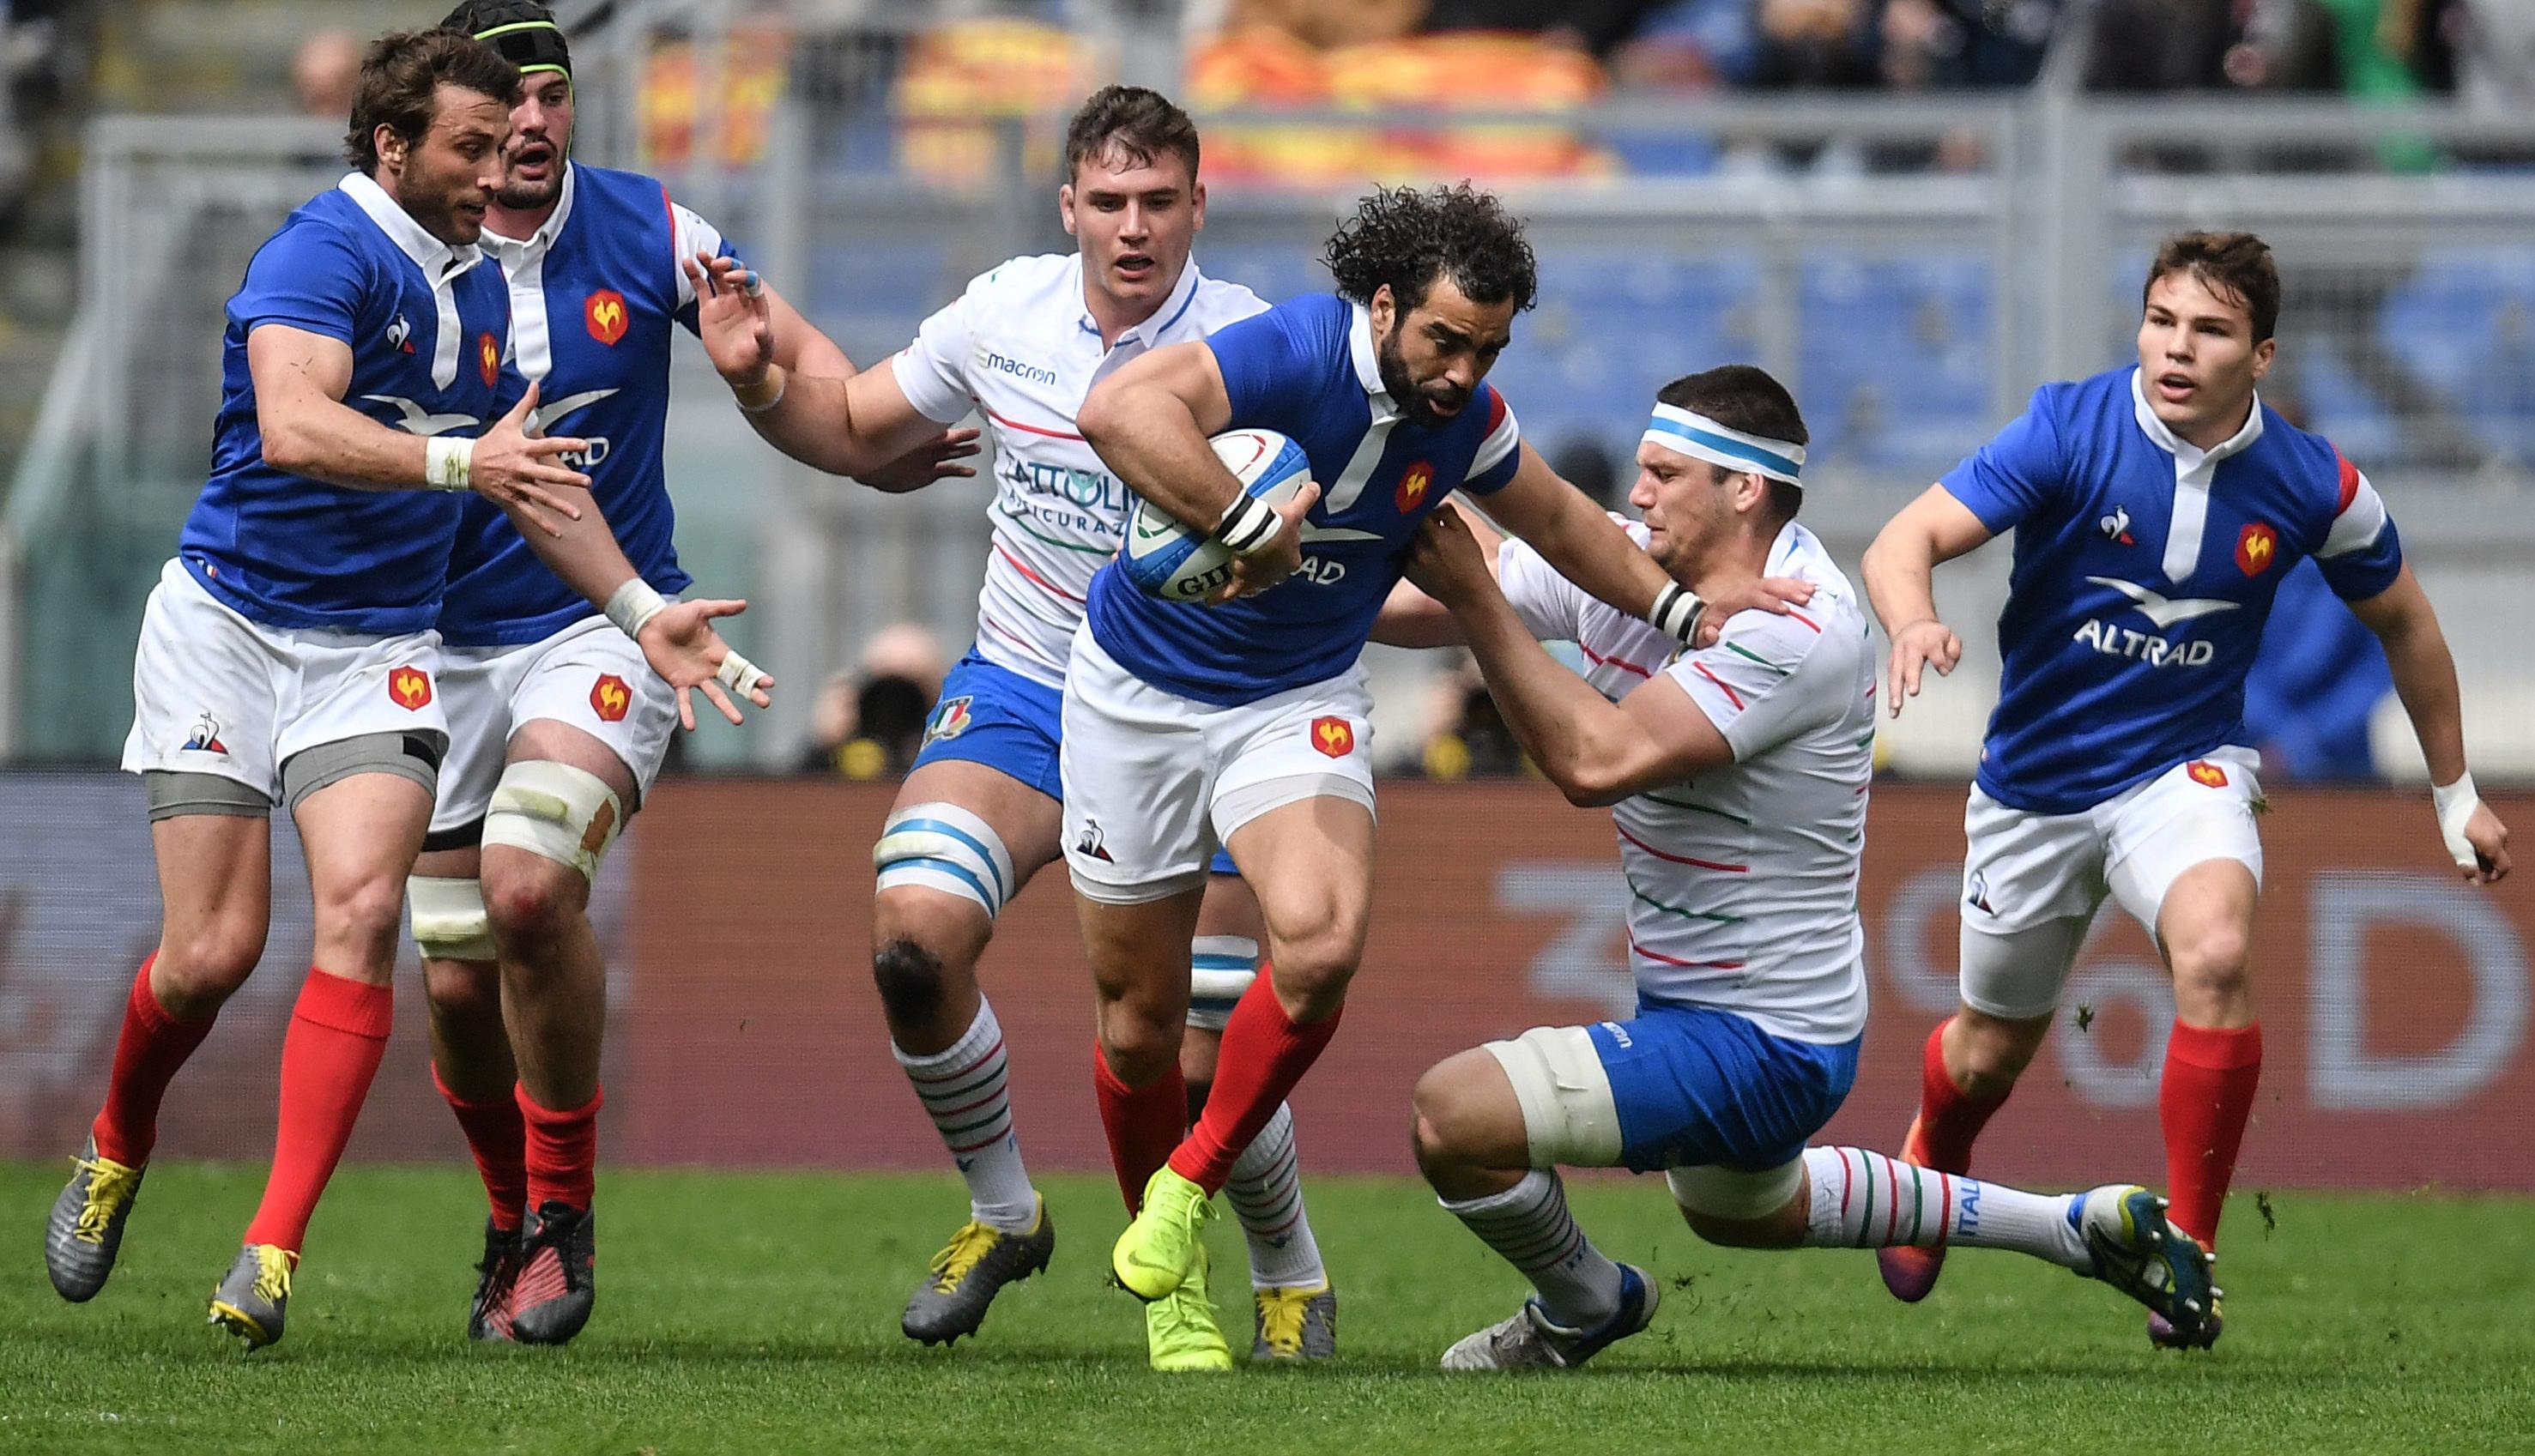 Rugby - 6 Nations - Carnet de notes des arrières français : Ntamack meilleur espoir, Parra et Lopez ont perdu gros